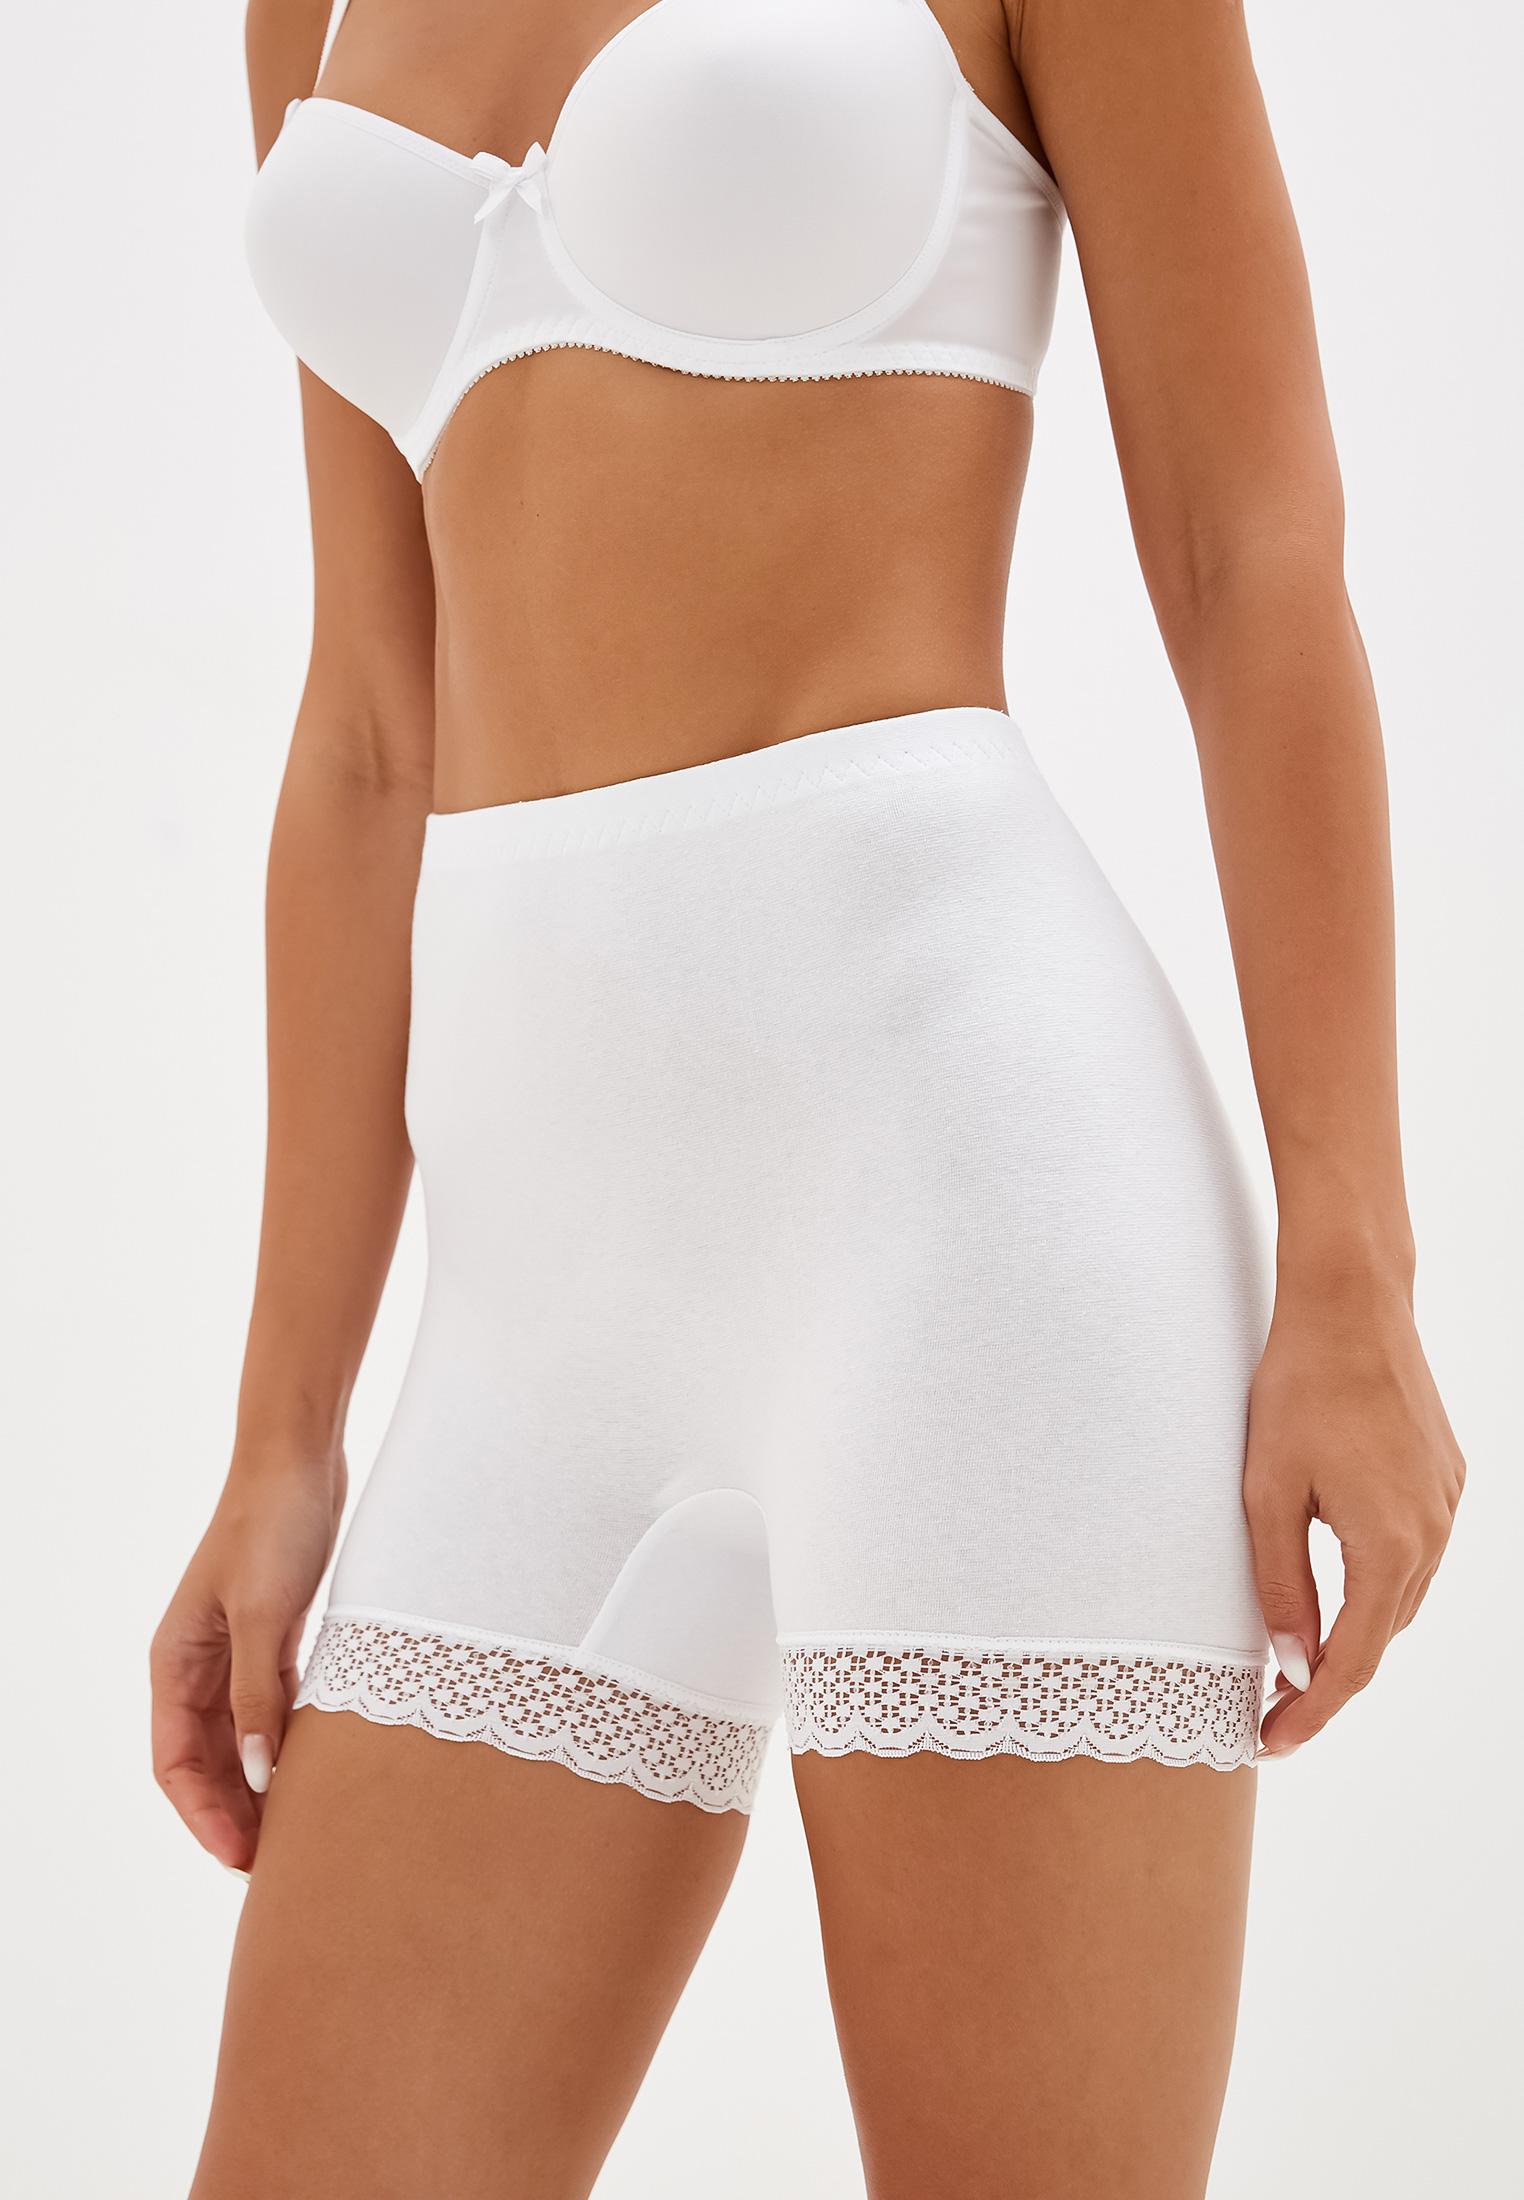 Панталоны женские НОВОЕ ВРЕМЯ T013 белые 54 RU